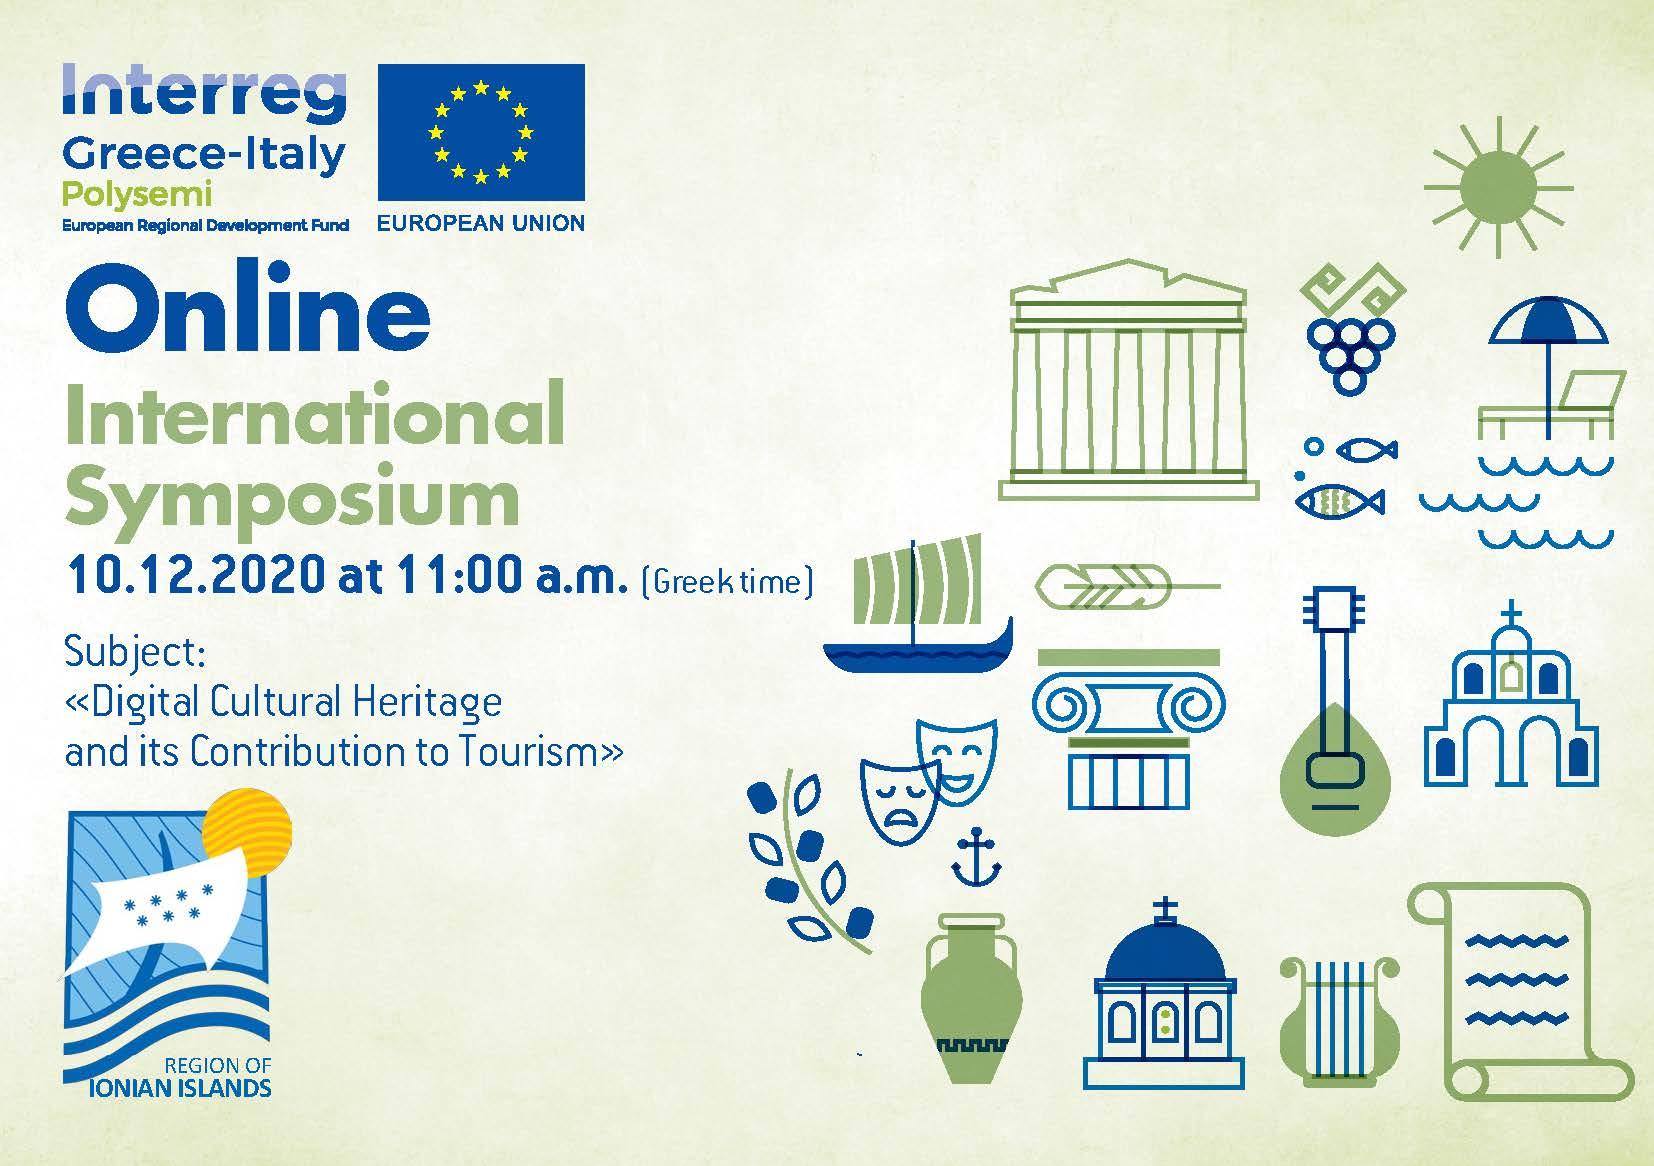 Il patrimonio culturale digitale e il suo contributo al turismo